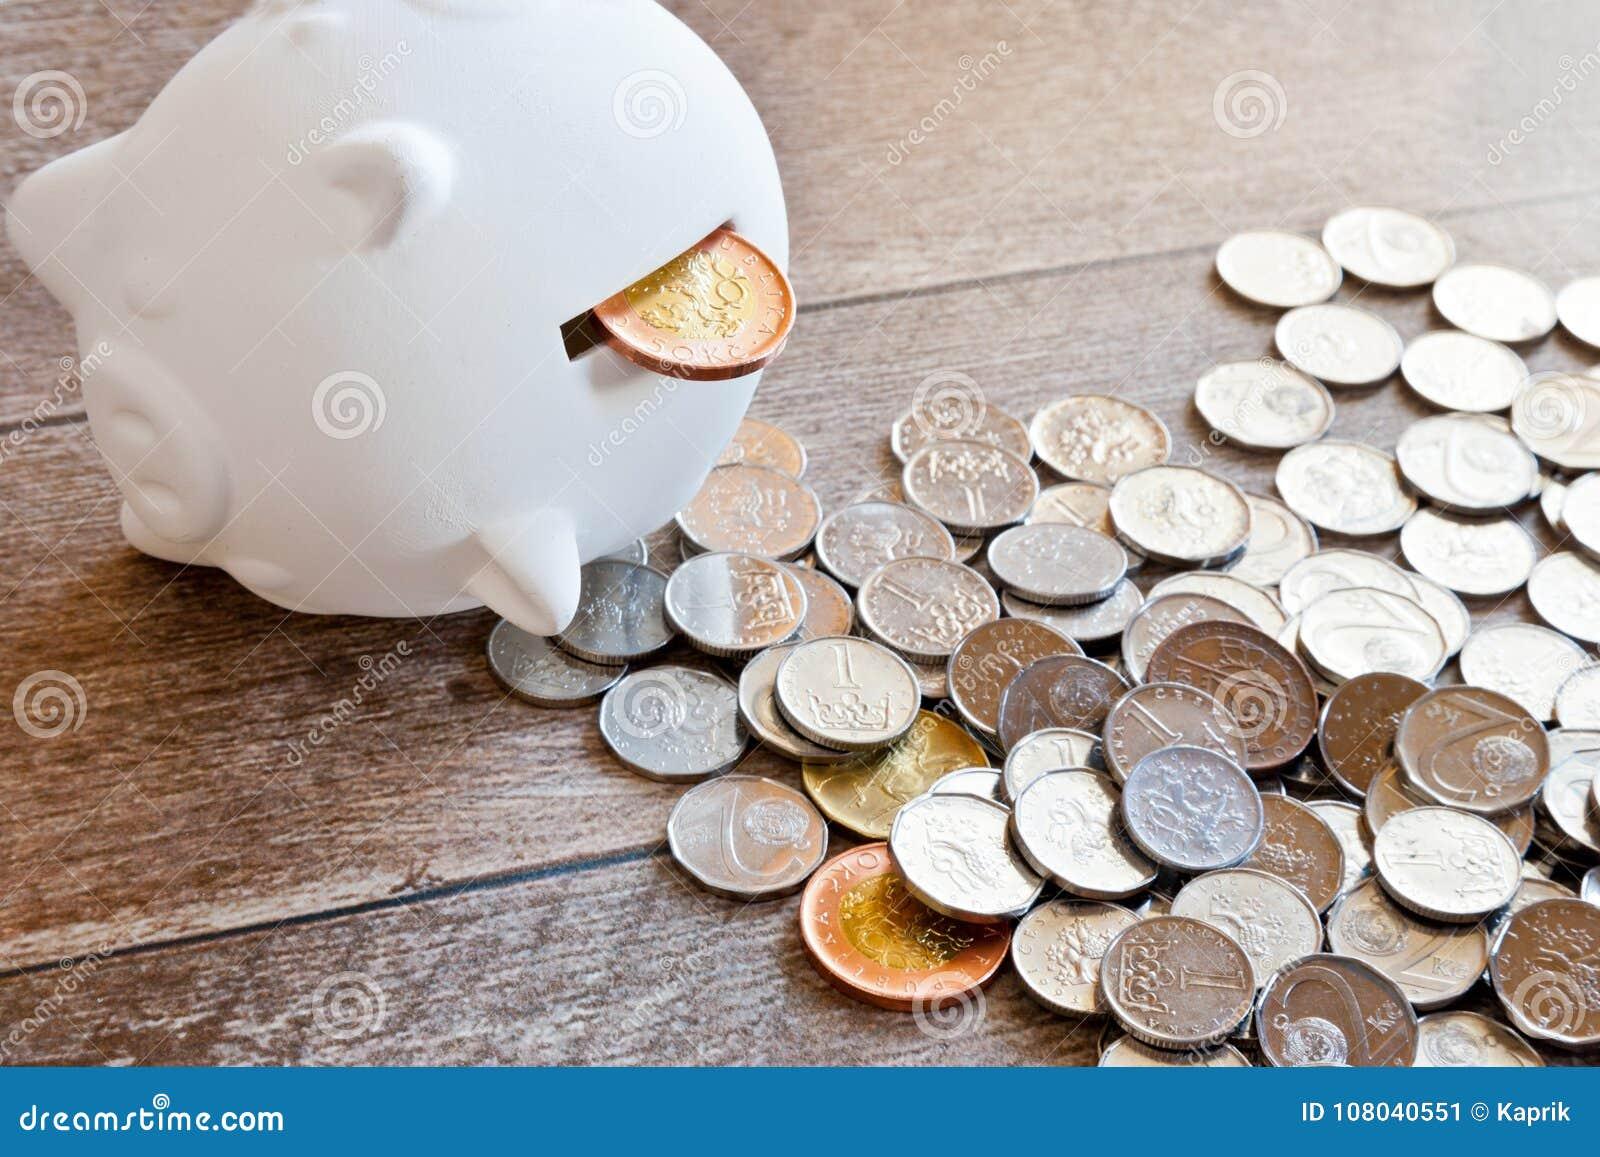 Tsjechische financiën en economie - Spaarvarken en Tsjechisch kroongeld - c